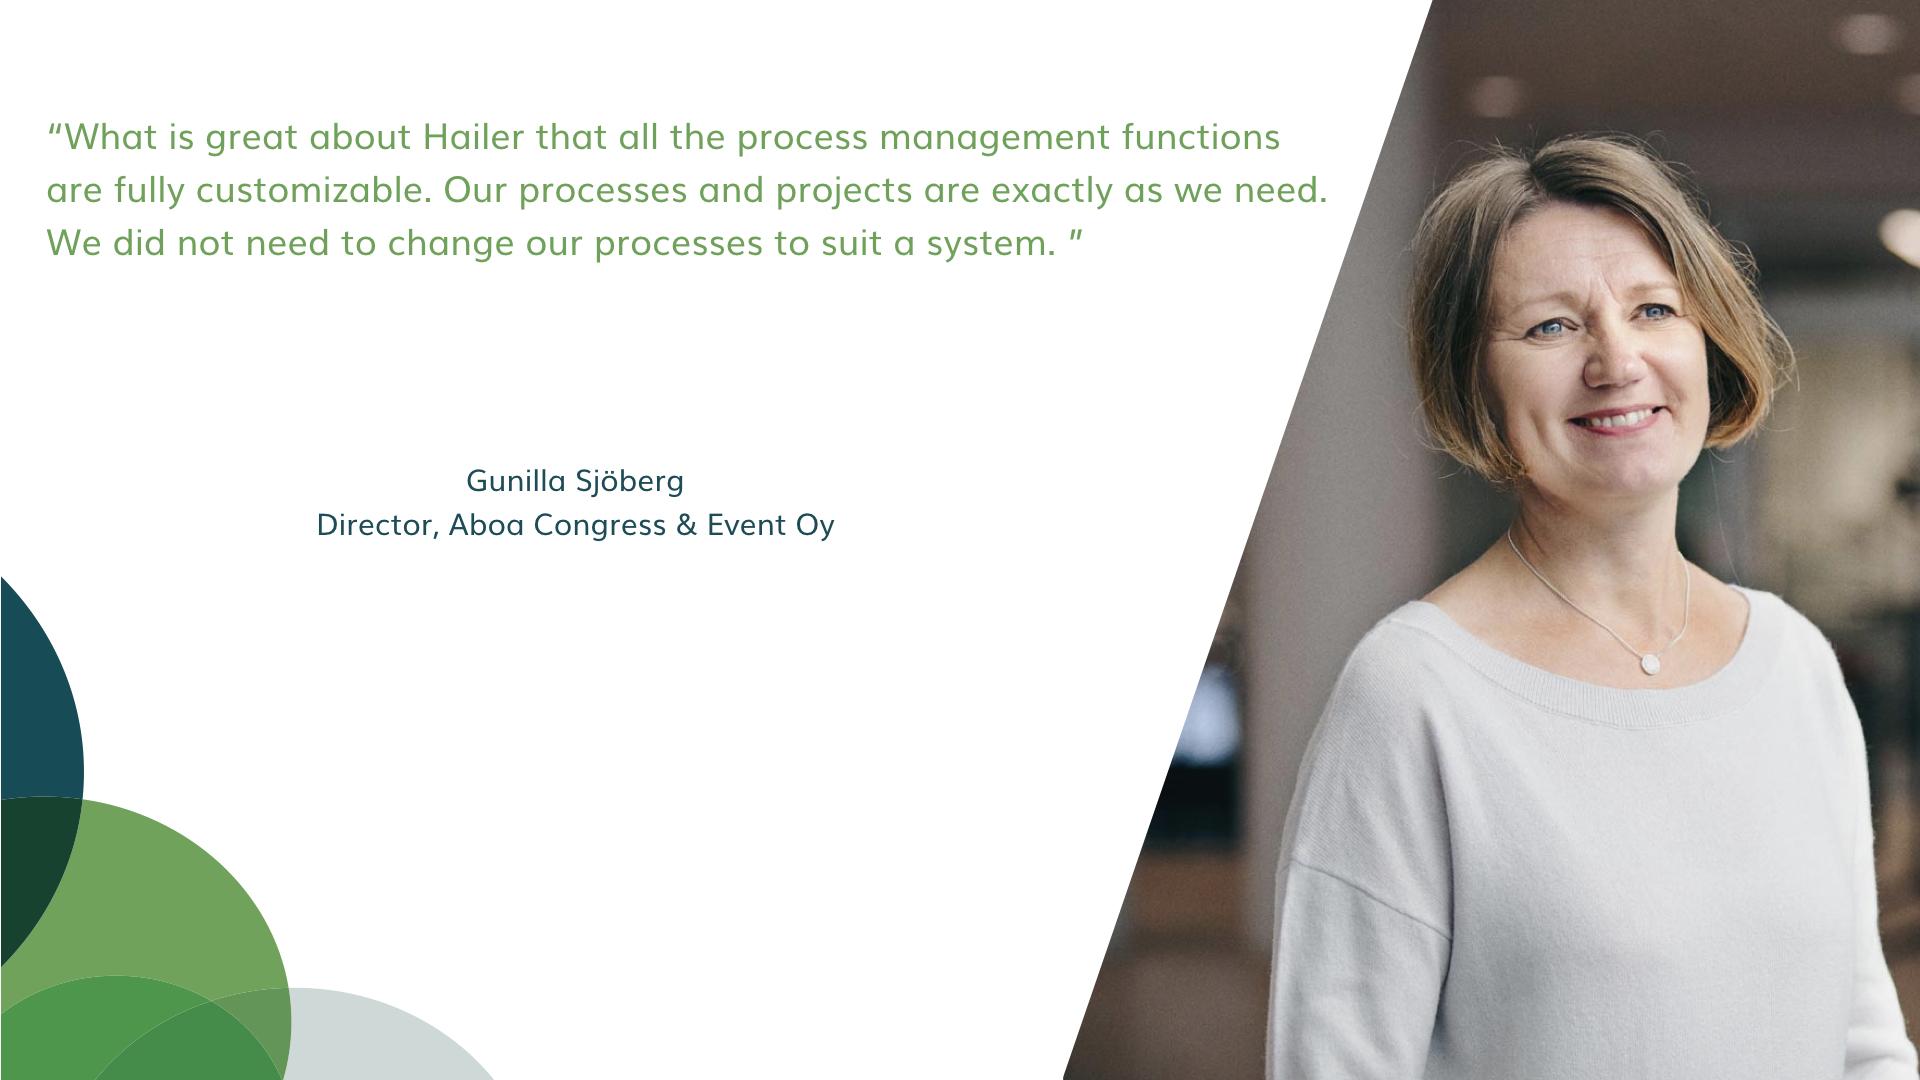 Aboa event management